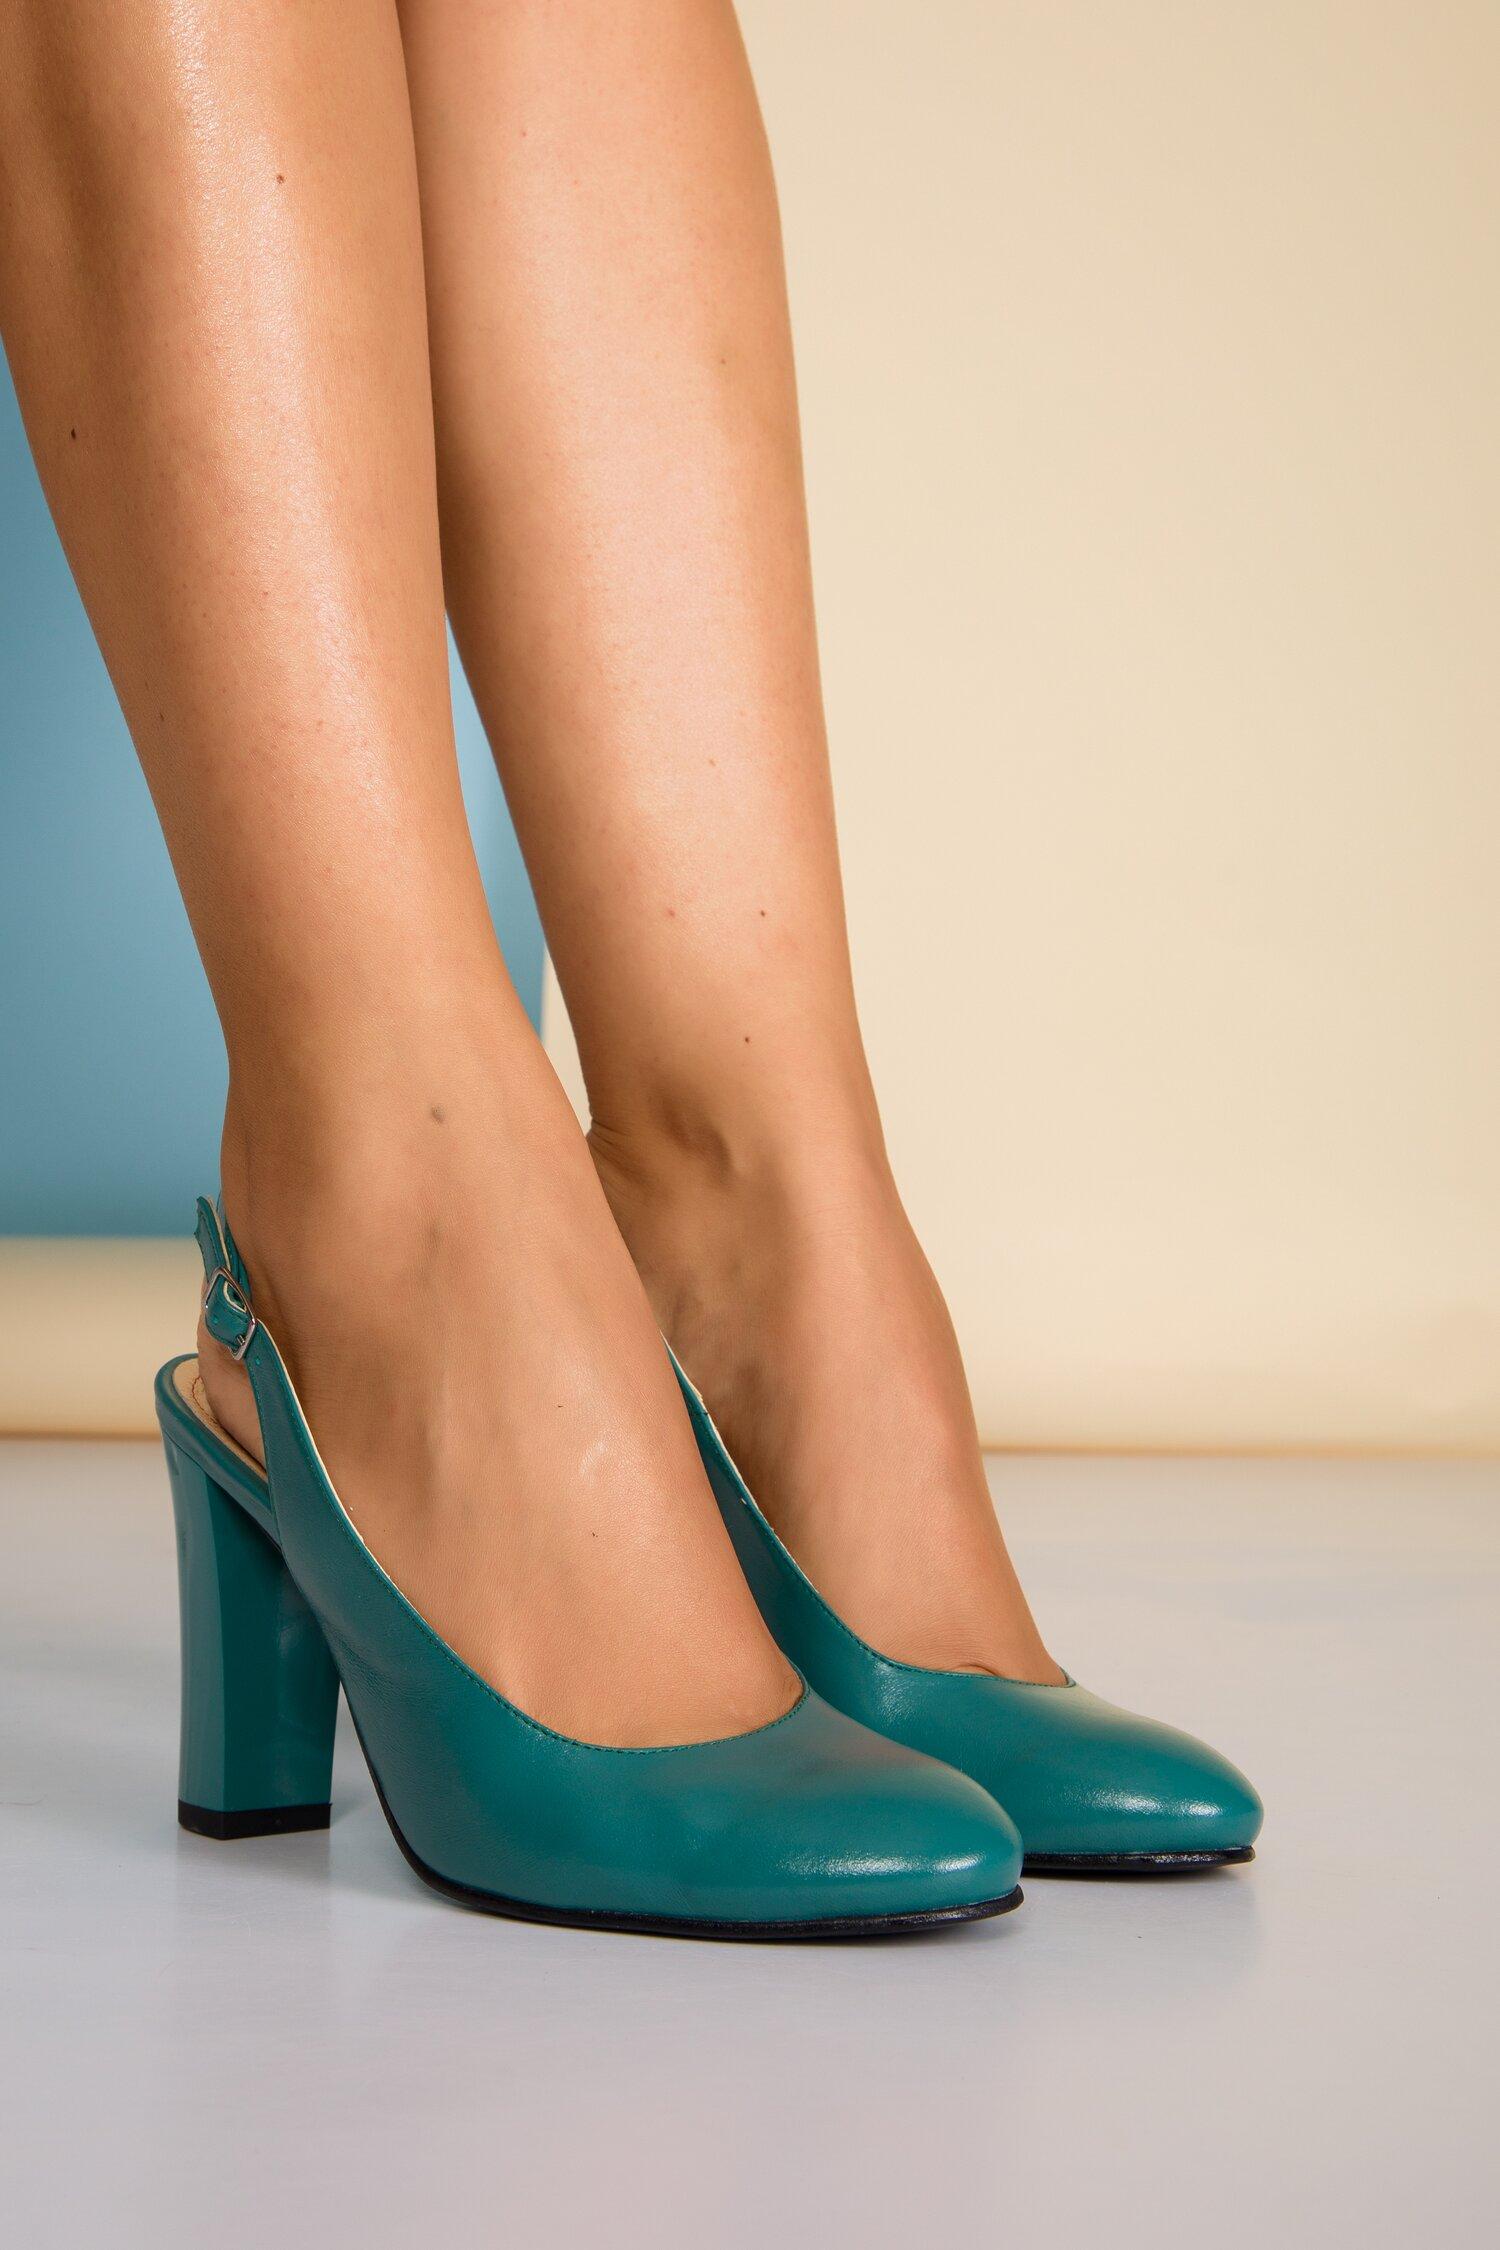 Pantofi turcoaz cu toc lucios si decupaj la spate imagine